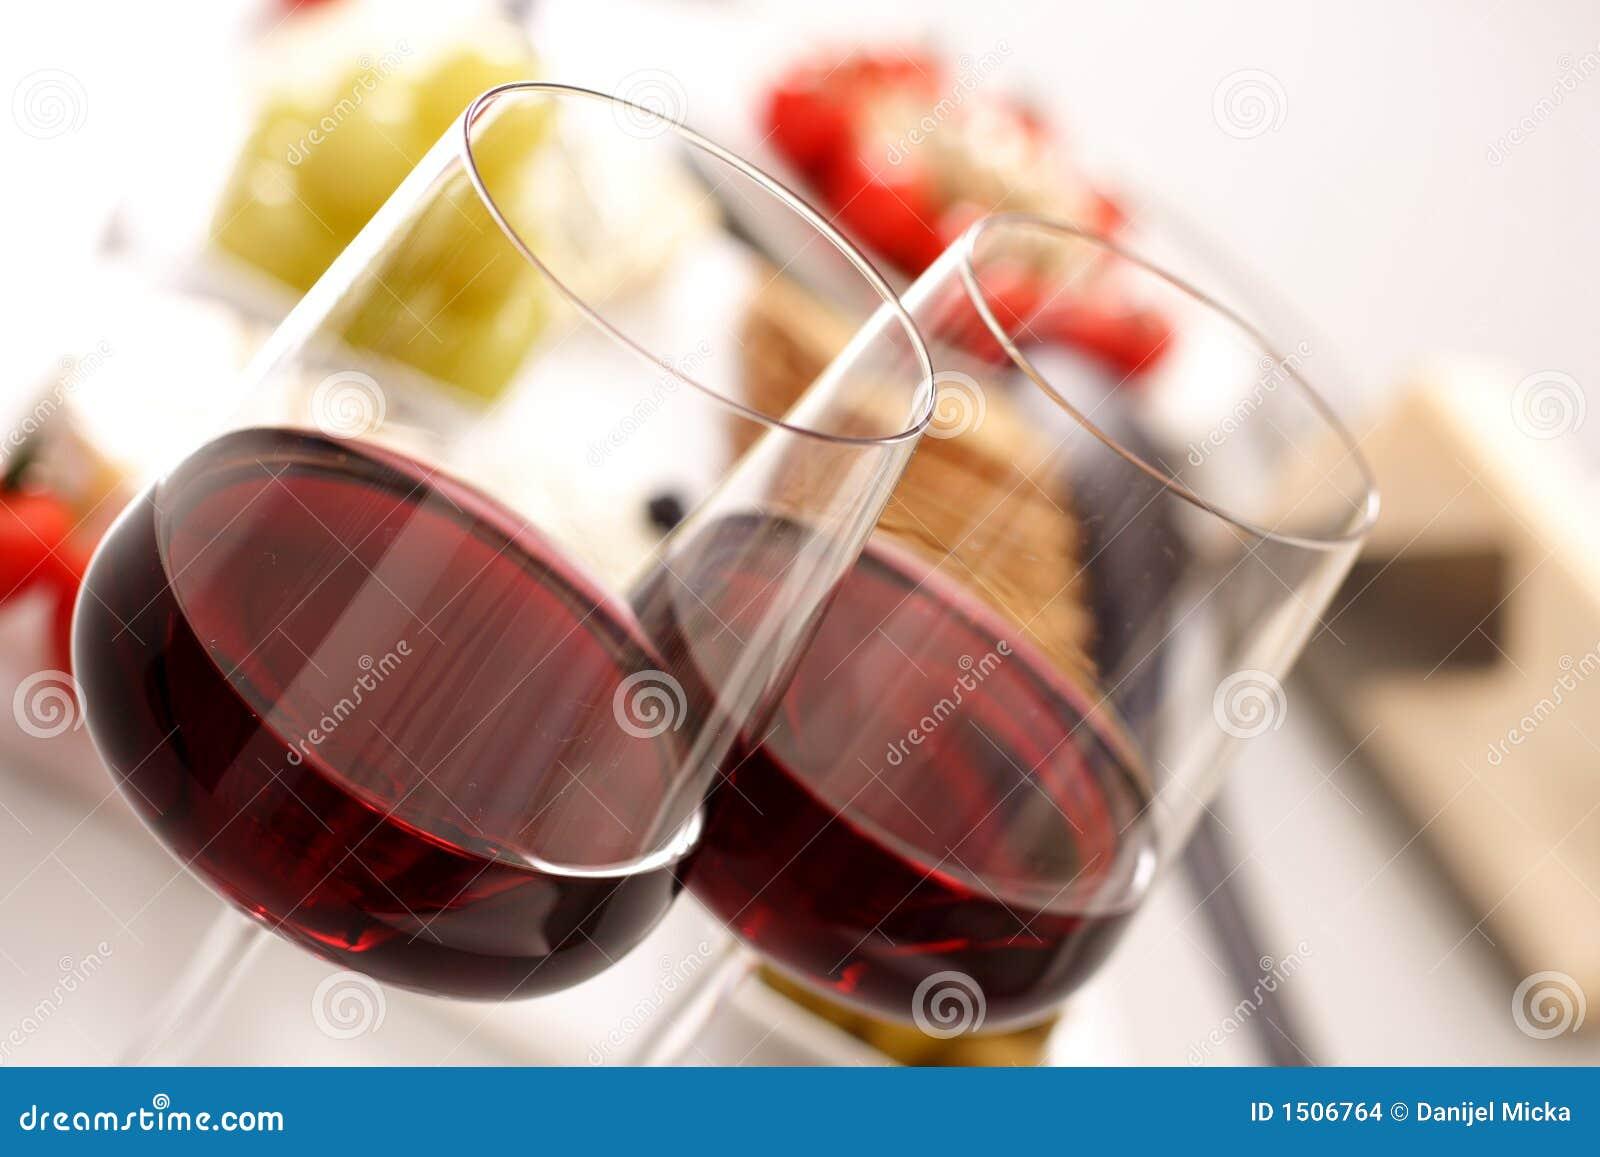 Glazen rode wijn met voorgerecht